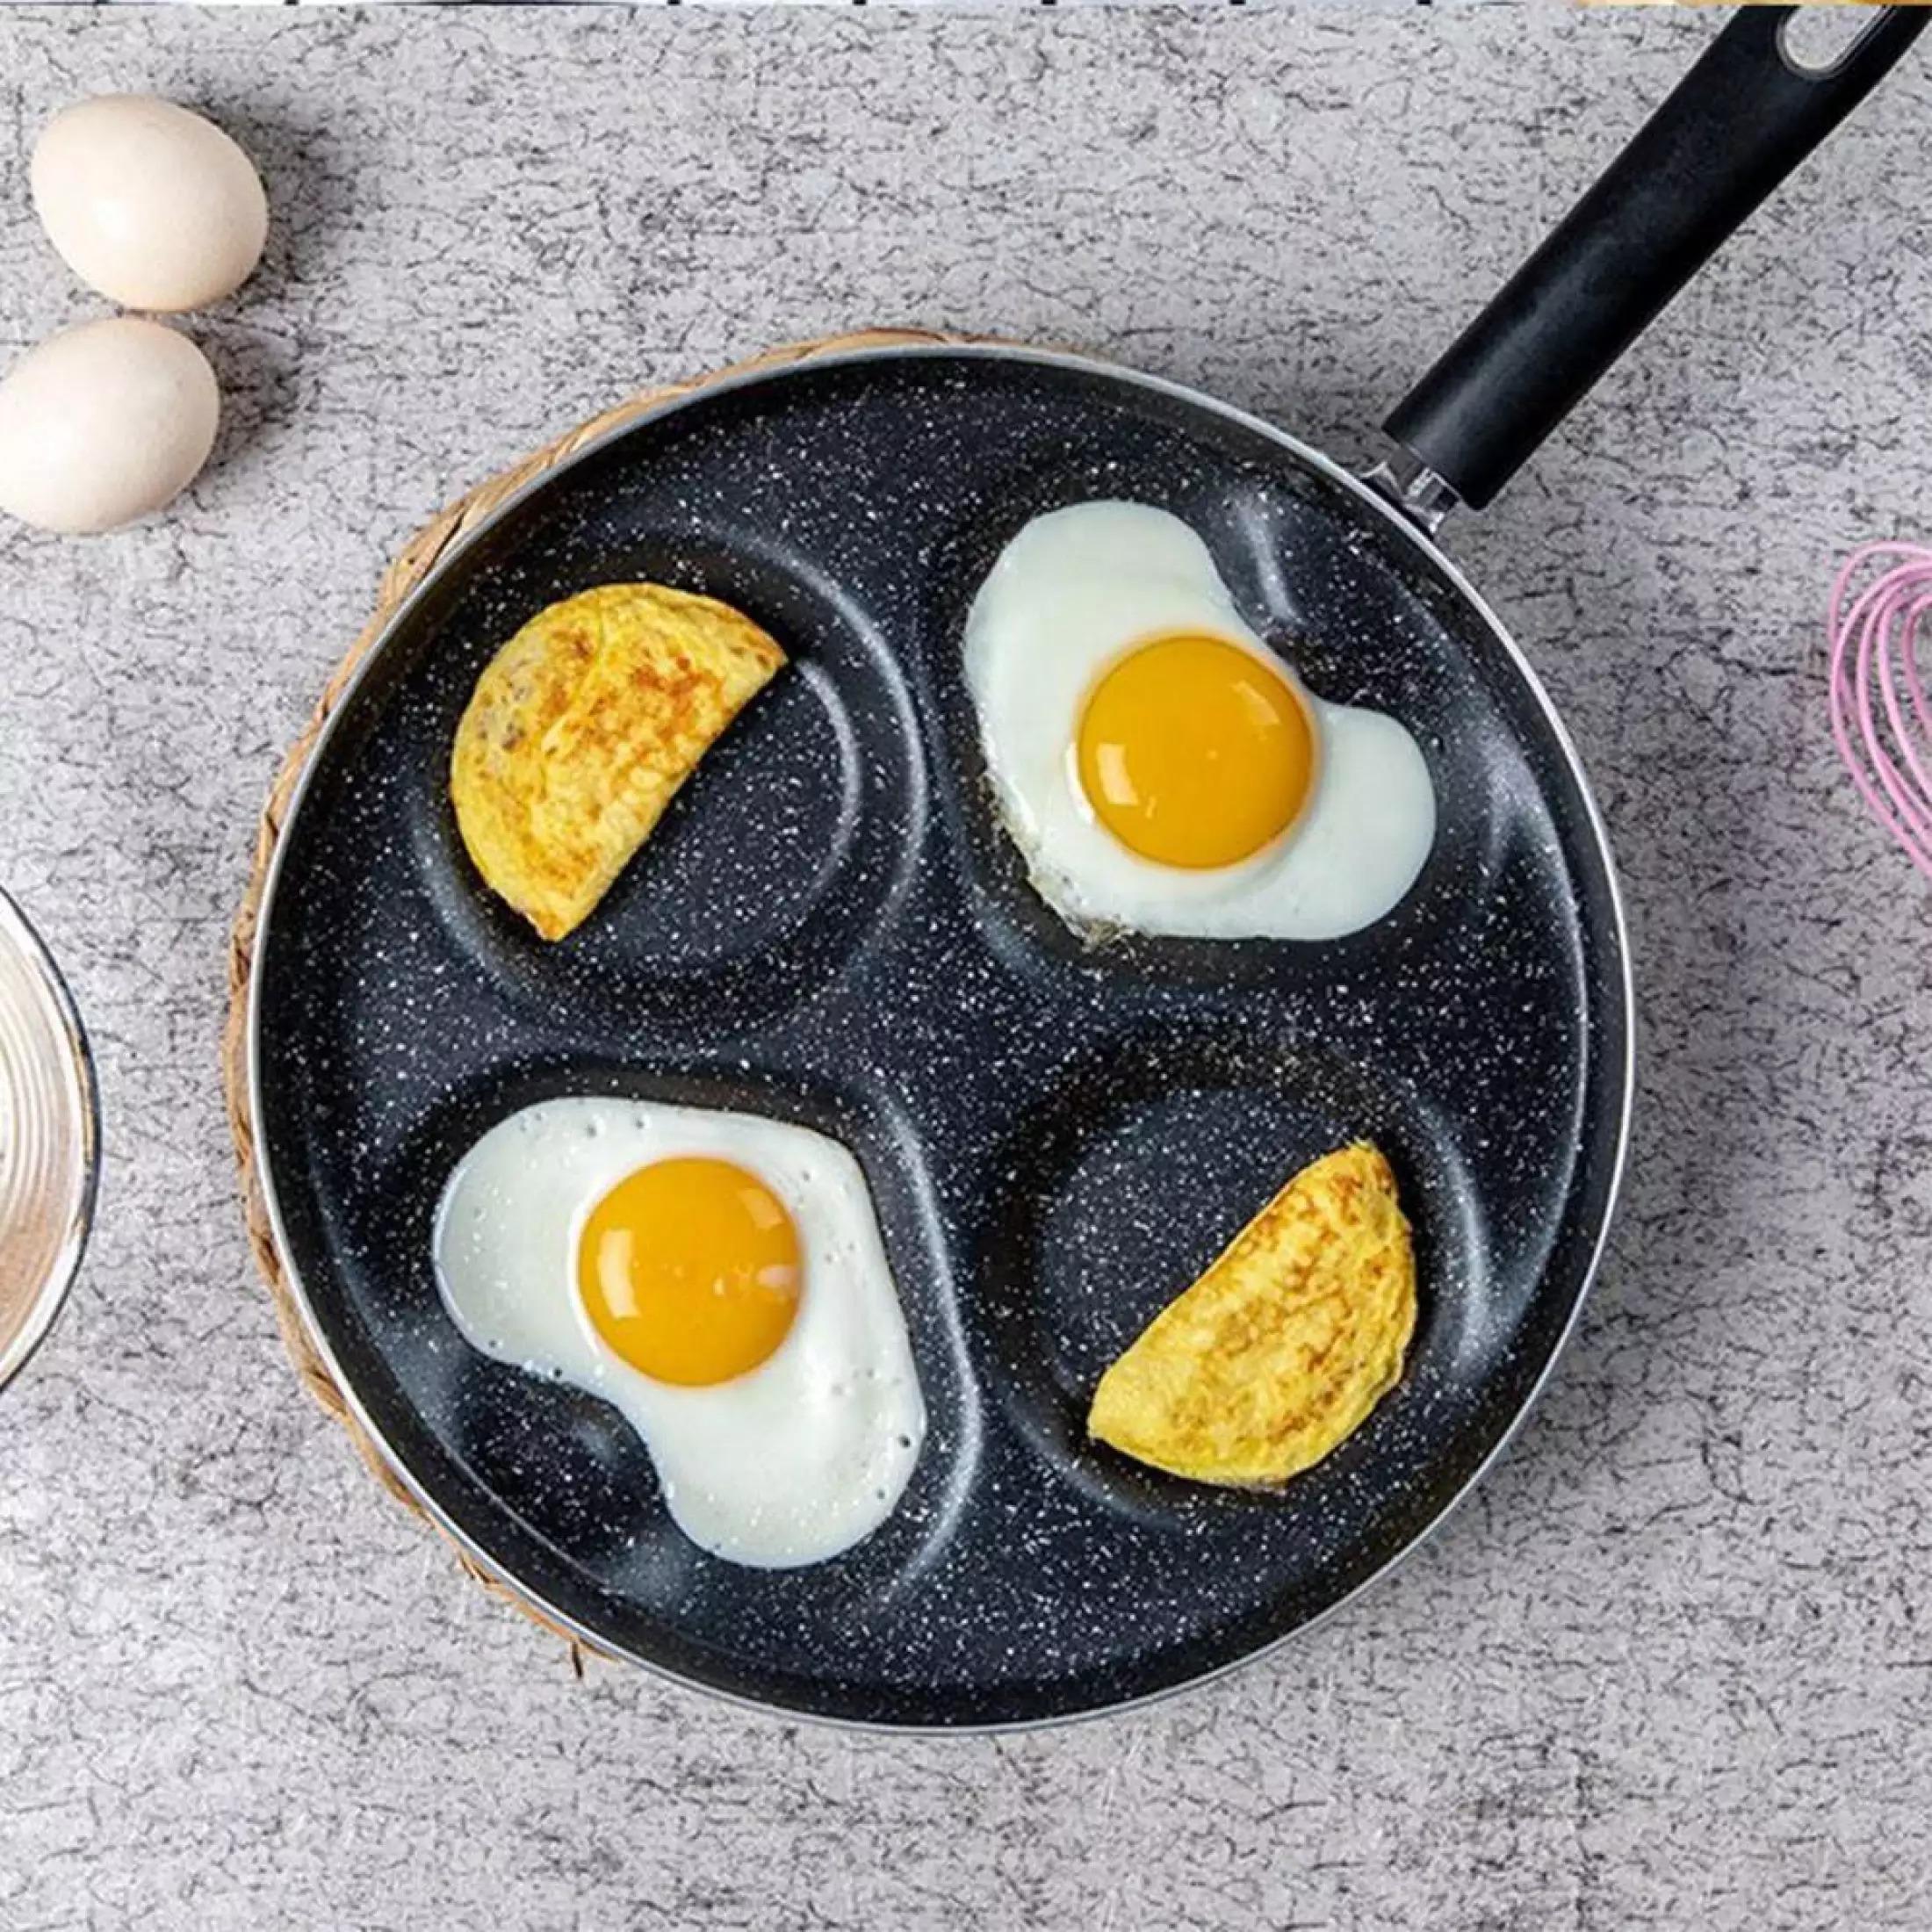 Ngoài giúp bạn có món trứng chiên, bánh rán hình tròn hoặc trái tim, mẫu chảo chống dính bốn lỗ còn giúp tiết kiệm thời gian nấu nướng cho các đầu bếp tại gia. Bạn có thể chiên cùng lúc bốn quả trứng thay vì chỉ chiên một quả mỗi lần. Chảo làm từ chất liệu đá Maifan với vân đá bắt mắt, bề mặt chống dính cho món ăn hình dáng nguyên vẹn, bắt mắt và dễ lấy ra khỏi chảo. Vì là chảo chống dính nên không cần dùng quá nhiều dầu mỡ, giúp hạn chế lượng chất béo. Sản phẩm có giá giảm 30% trên Lazada còn 202.000 đồng, giá gốc đến 288.000 đồng. Xem thêm hình ảnh sản phẩm và đặt mua tại đây.